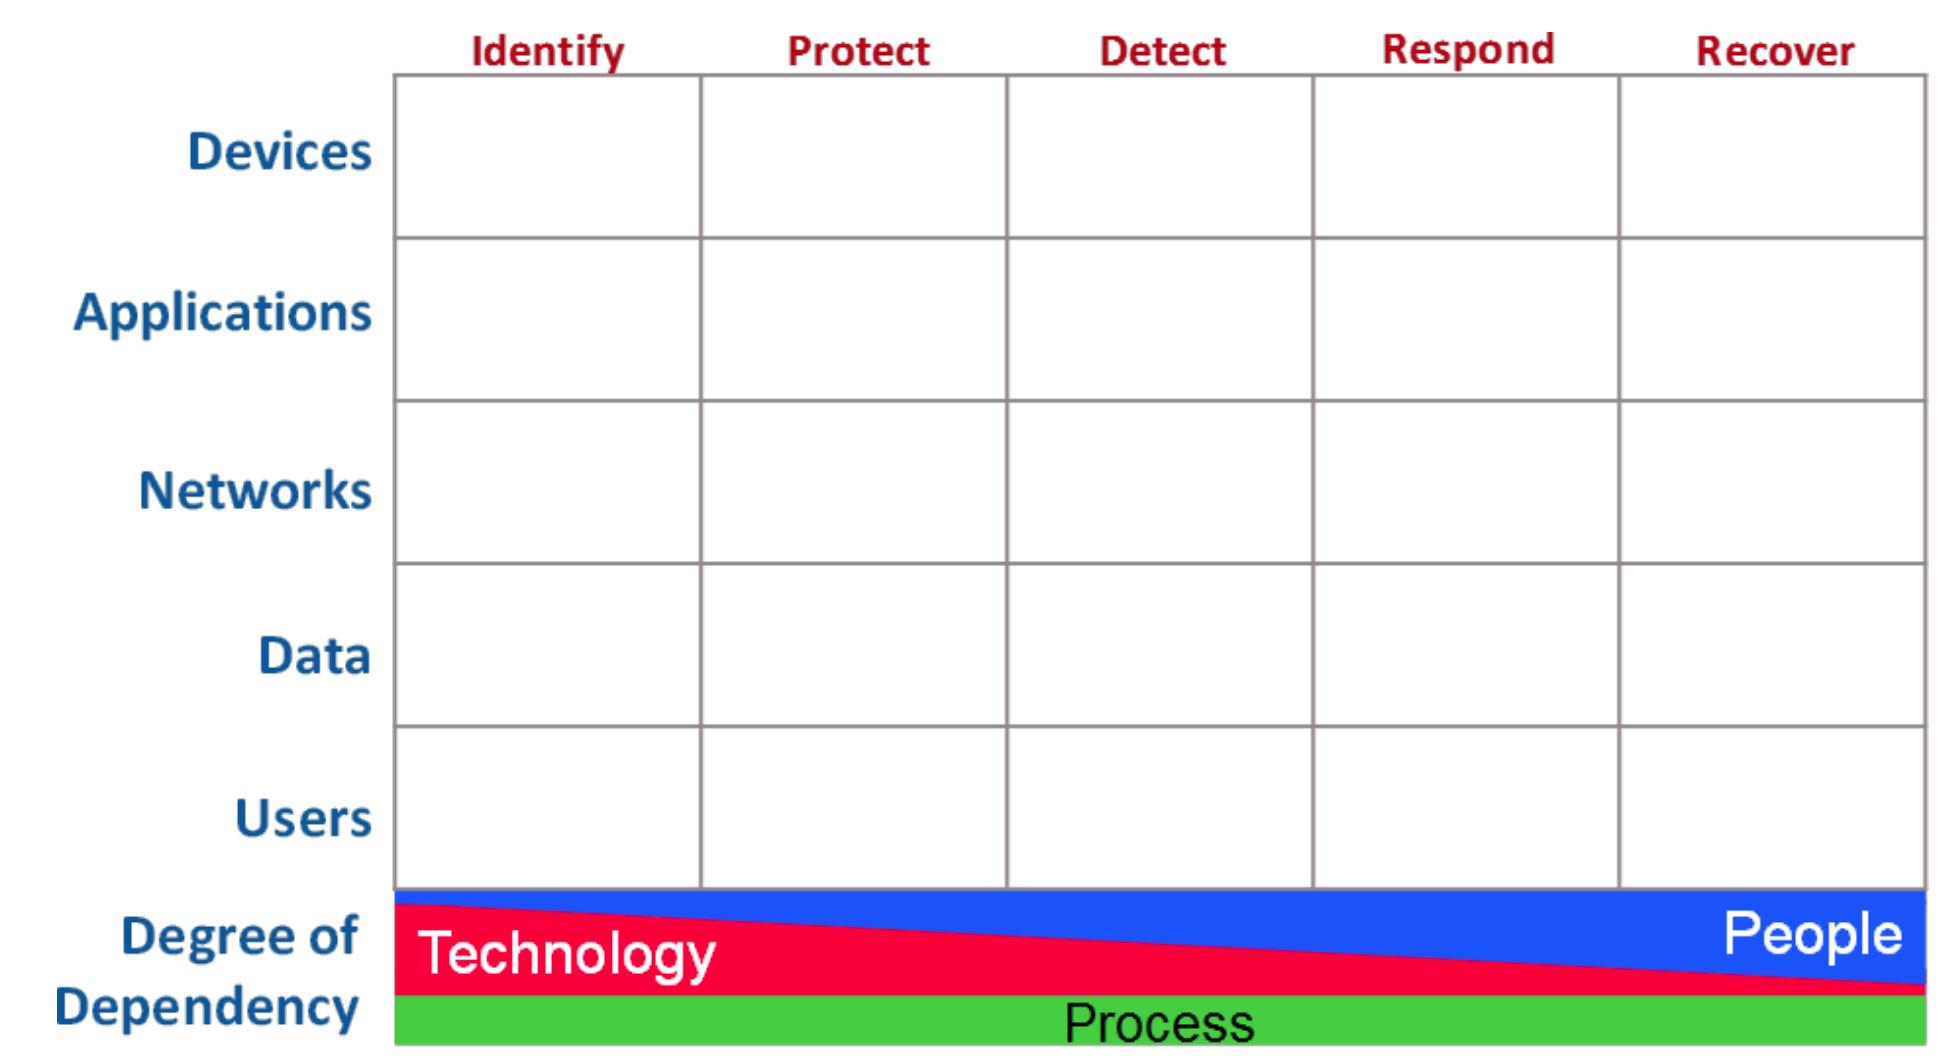 OWASP Cyber Defense Matrix